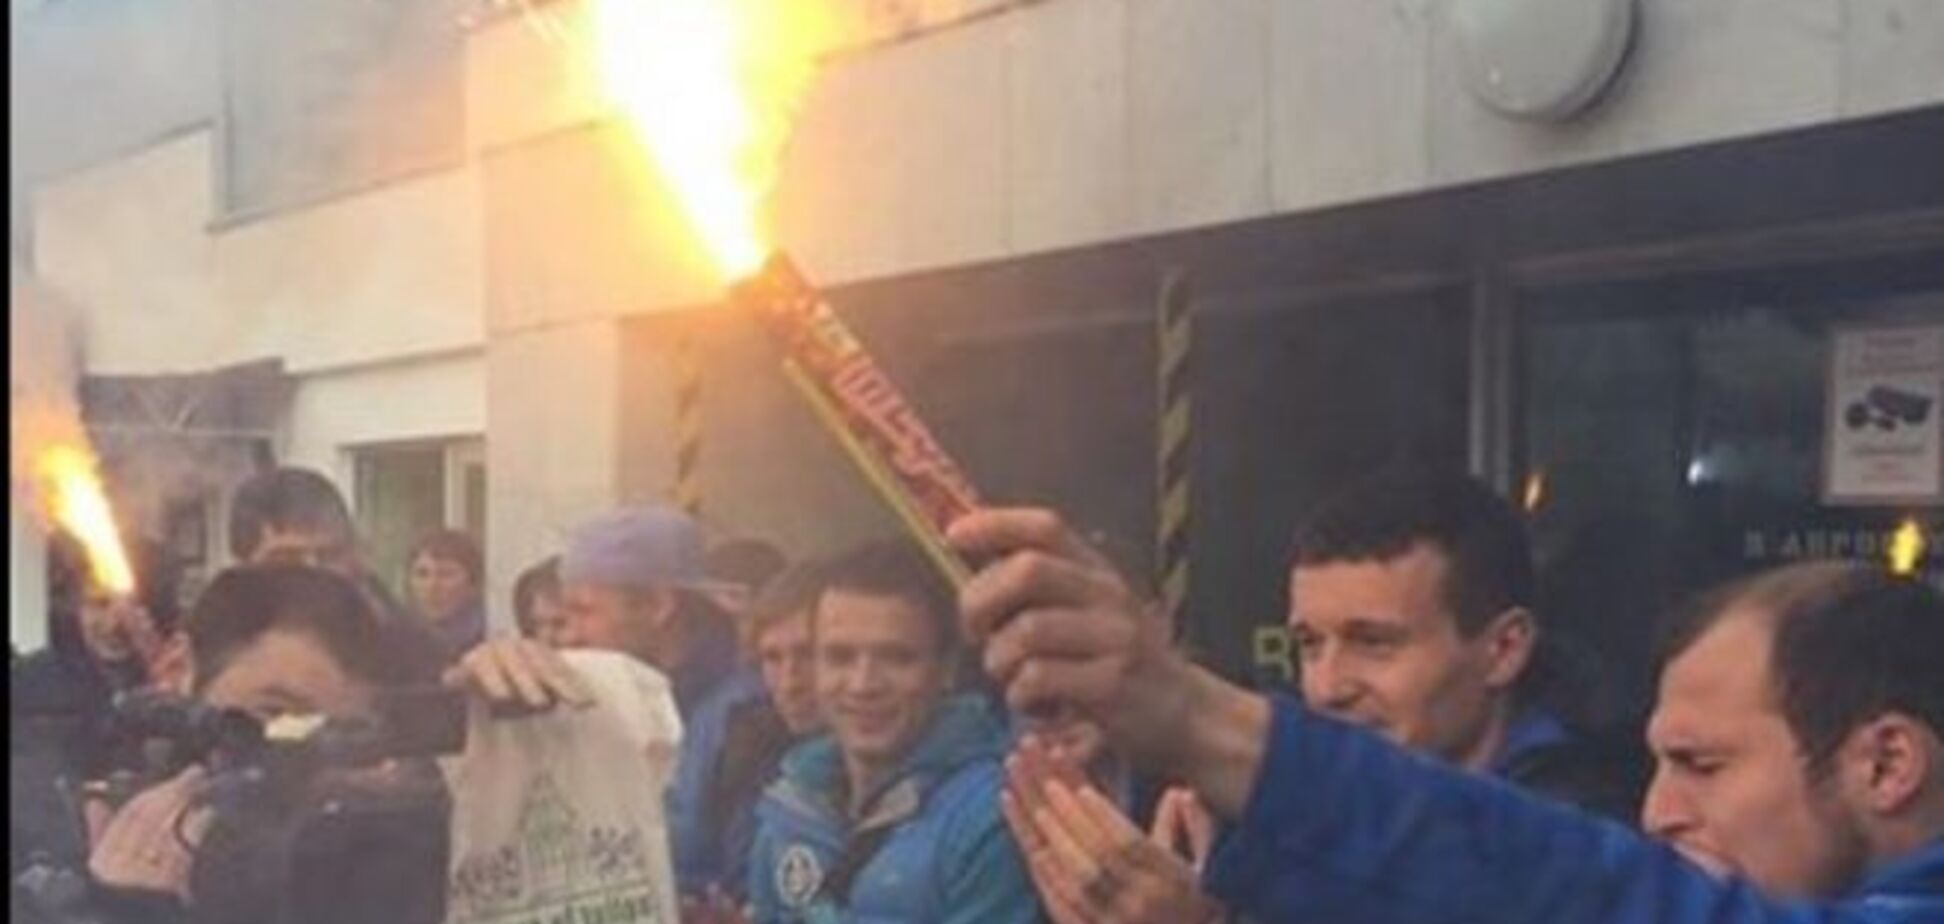 Фанати ефектно зустріли 'Дніпро' в Україні: яскраві фото і відео